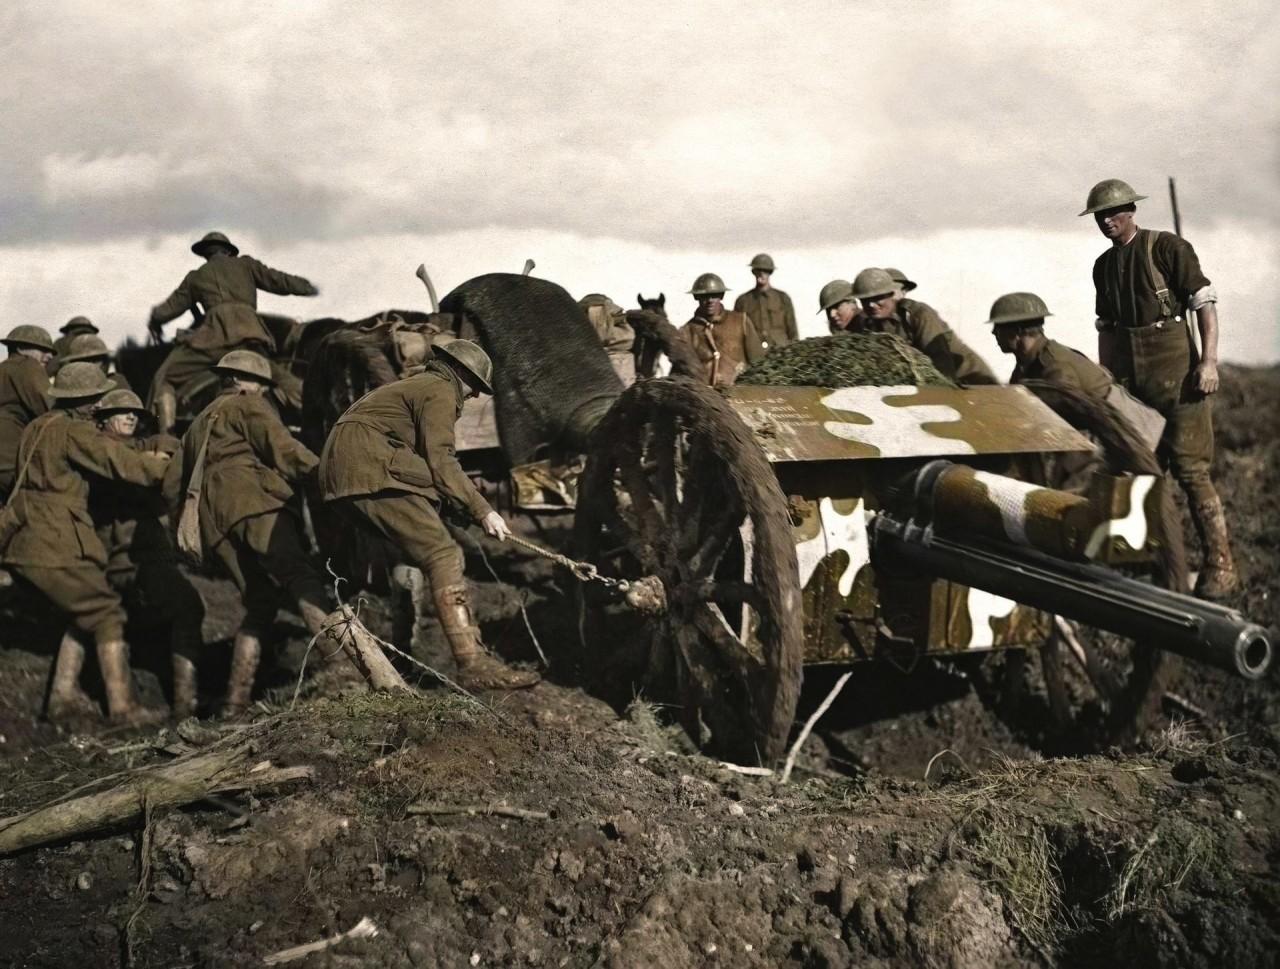 Установка пушки на позицию, за два дня до первой атаки на хребет Пашендейль (третья битва при Ипре), 1917 г. архивное фото, колоризация, колоризация фотографий, колоризированные снимки, первая мировая, первая мировая война, фото войны